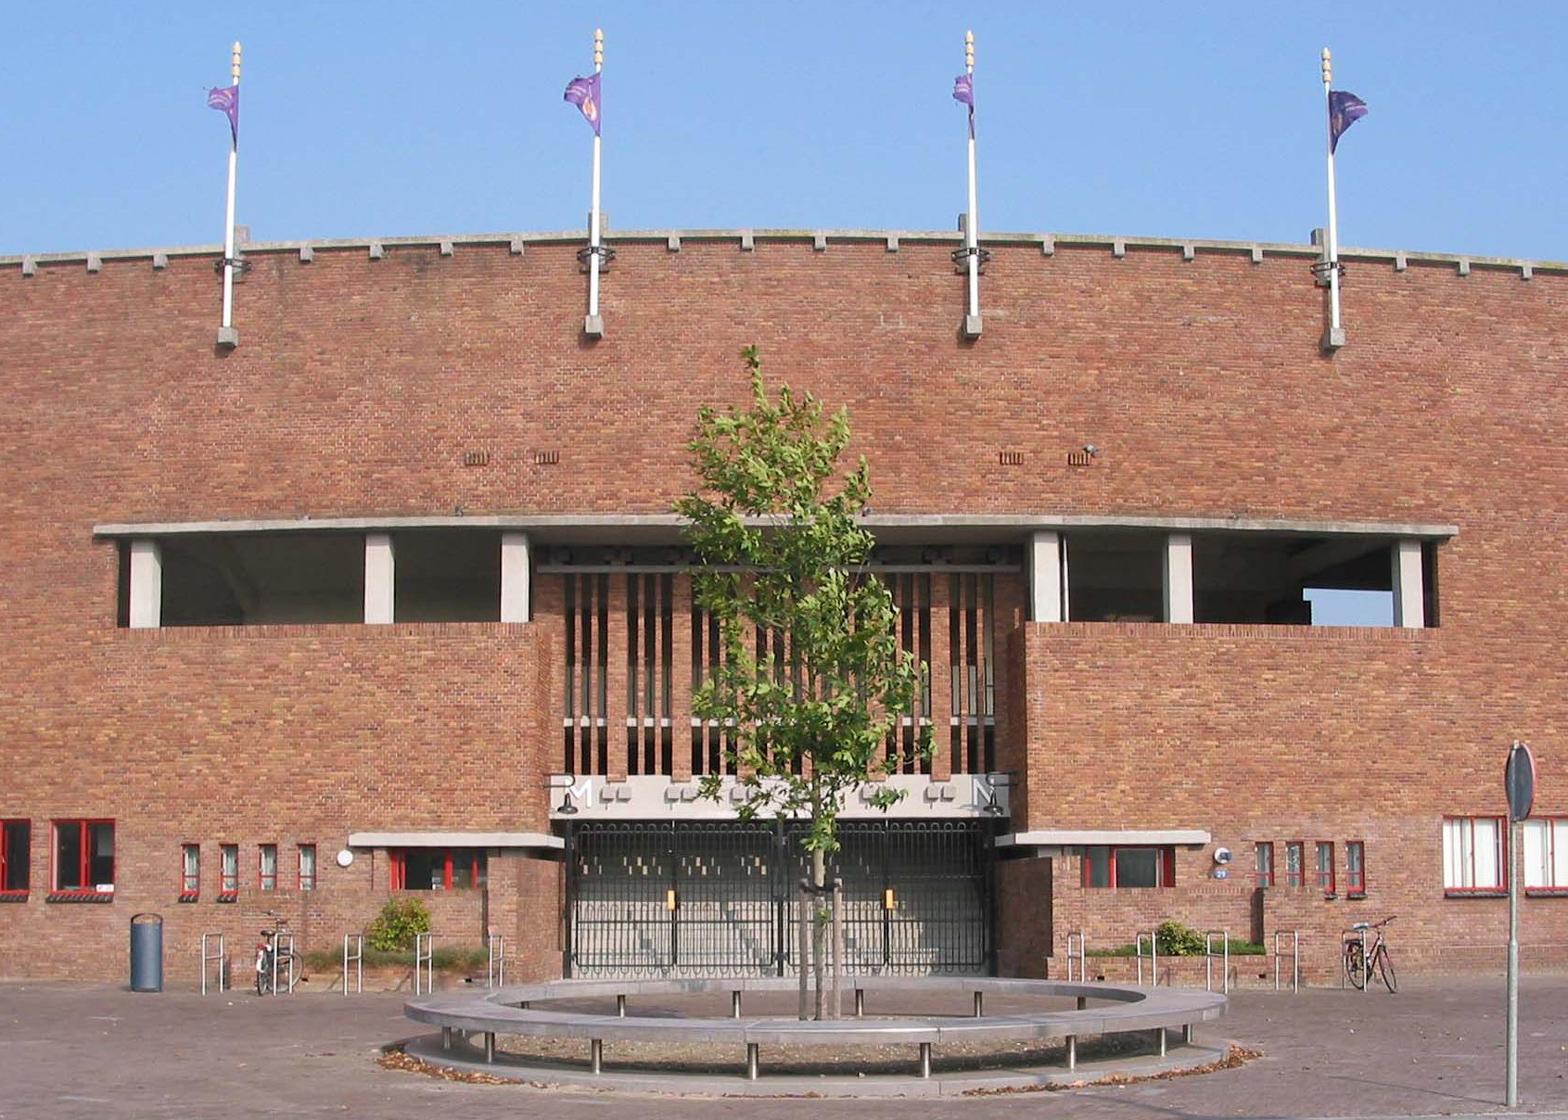 Olympisch Stadion by Jan Wils, Amsterdam 1928